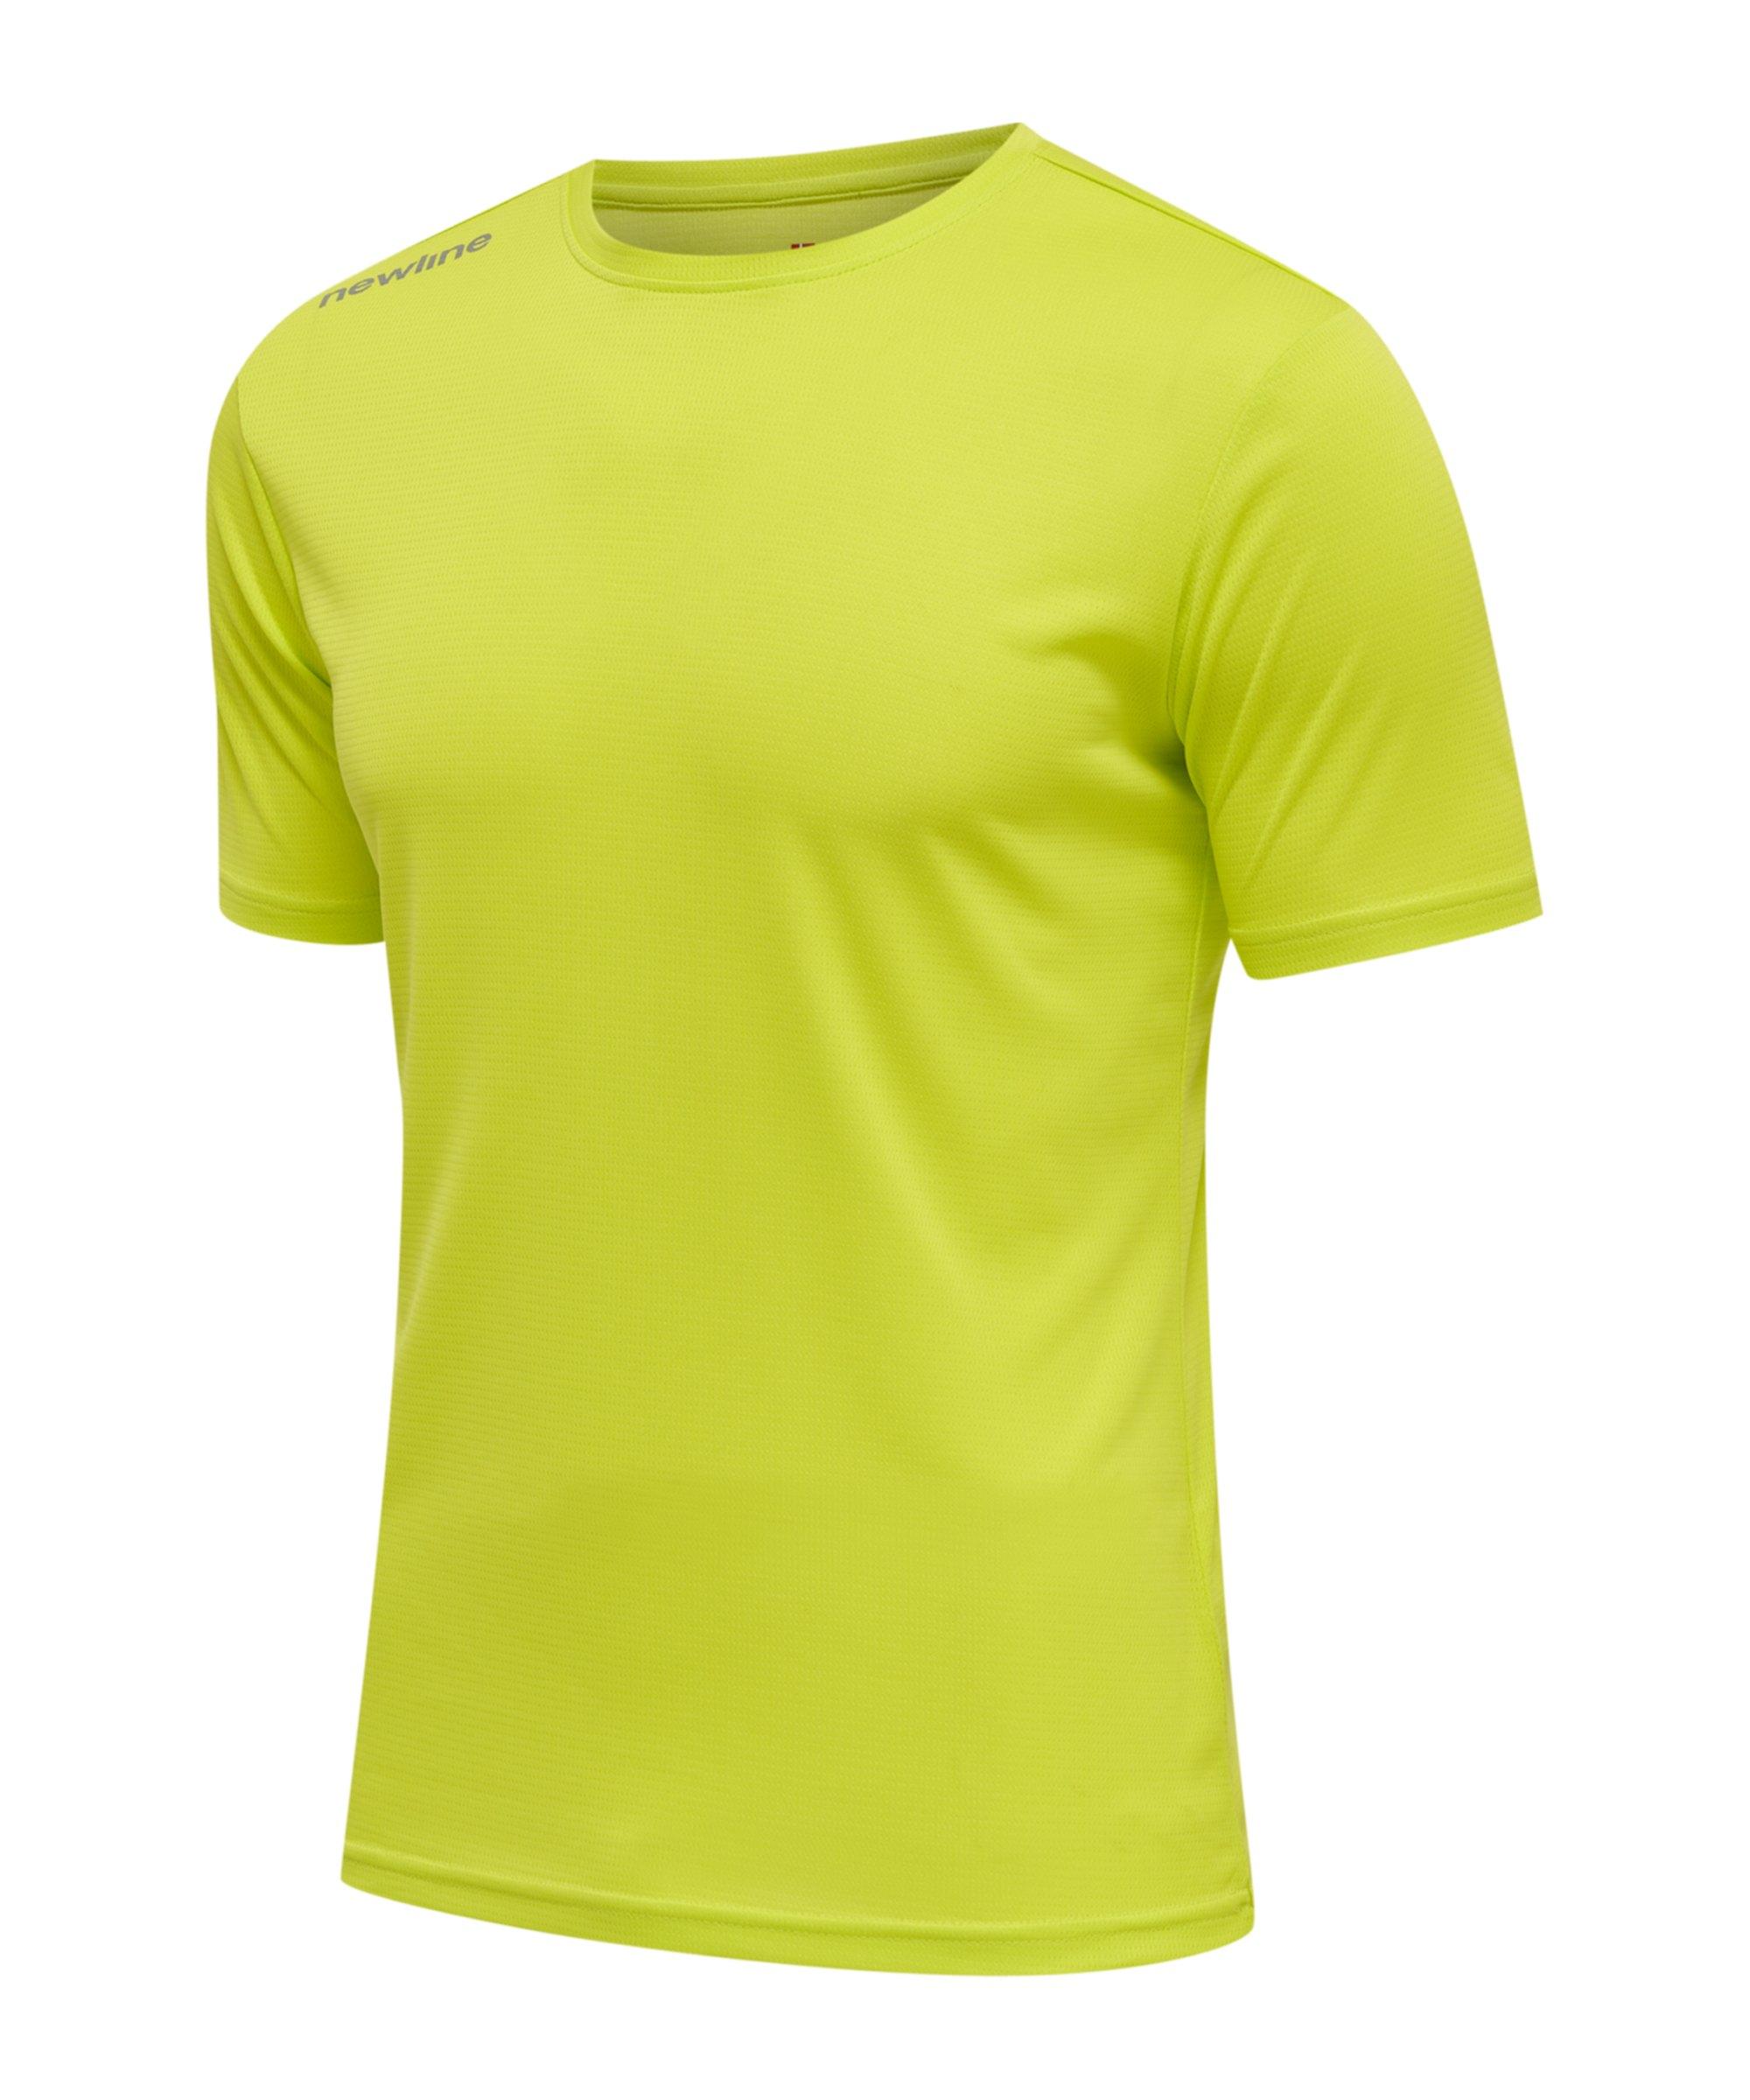 Newline Core Functional T-Shirt Running Grün F6120 - gruen